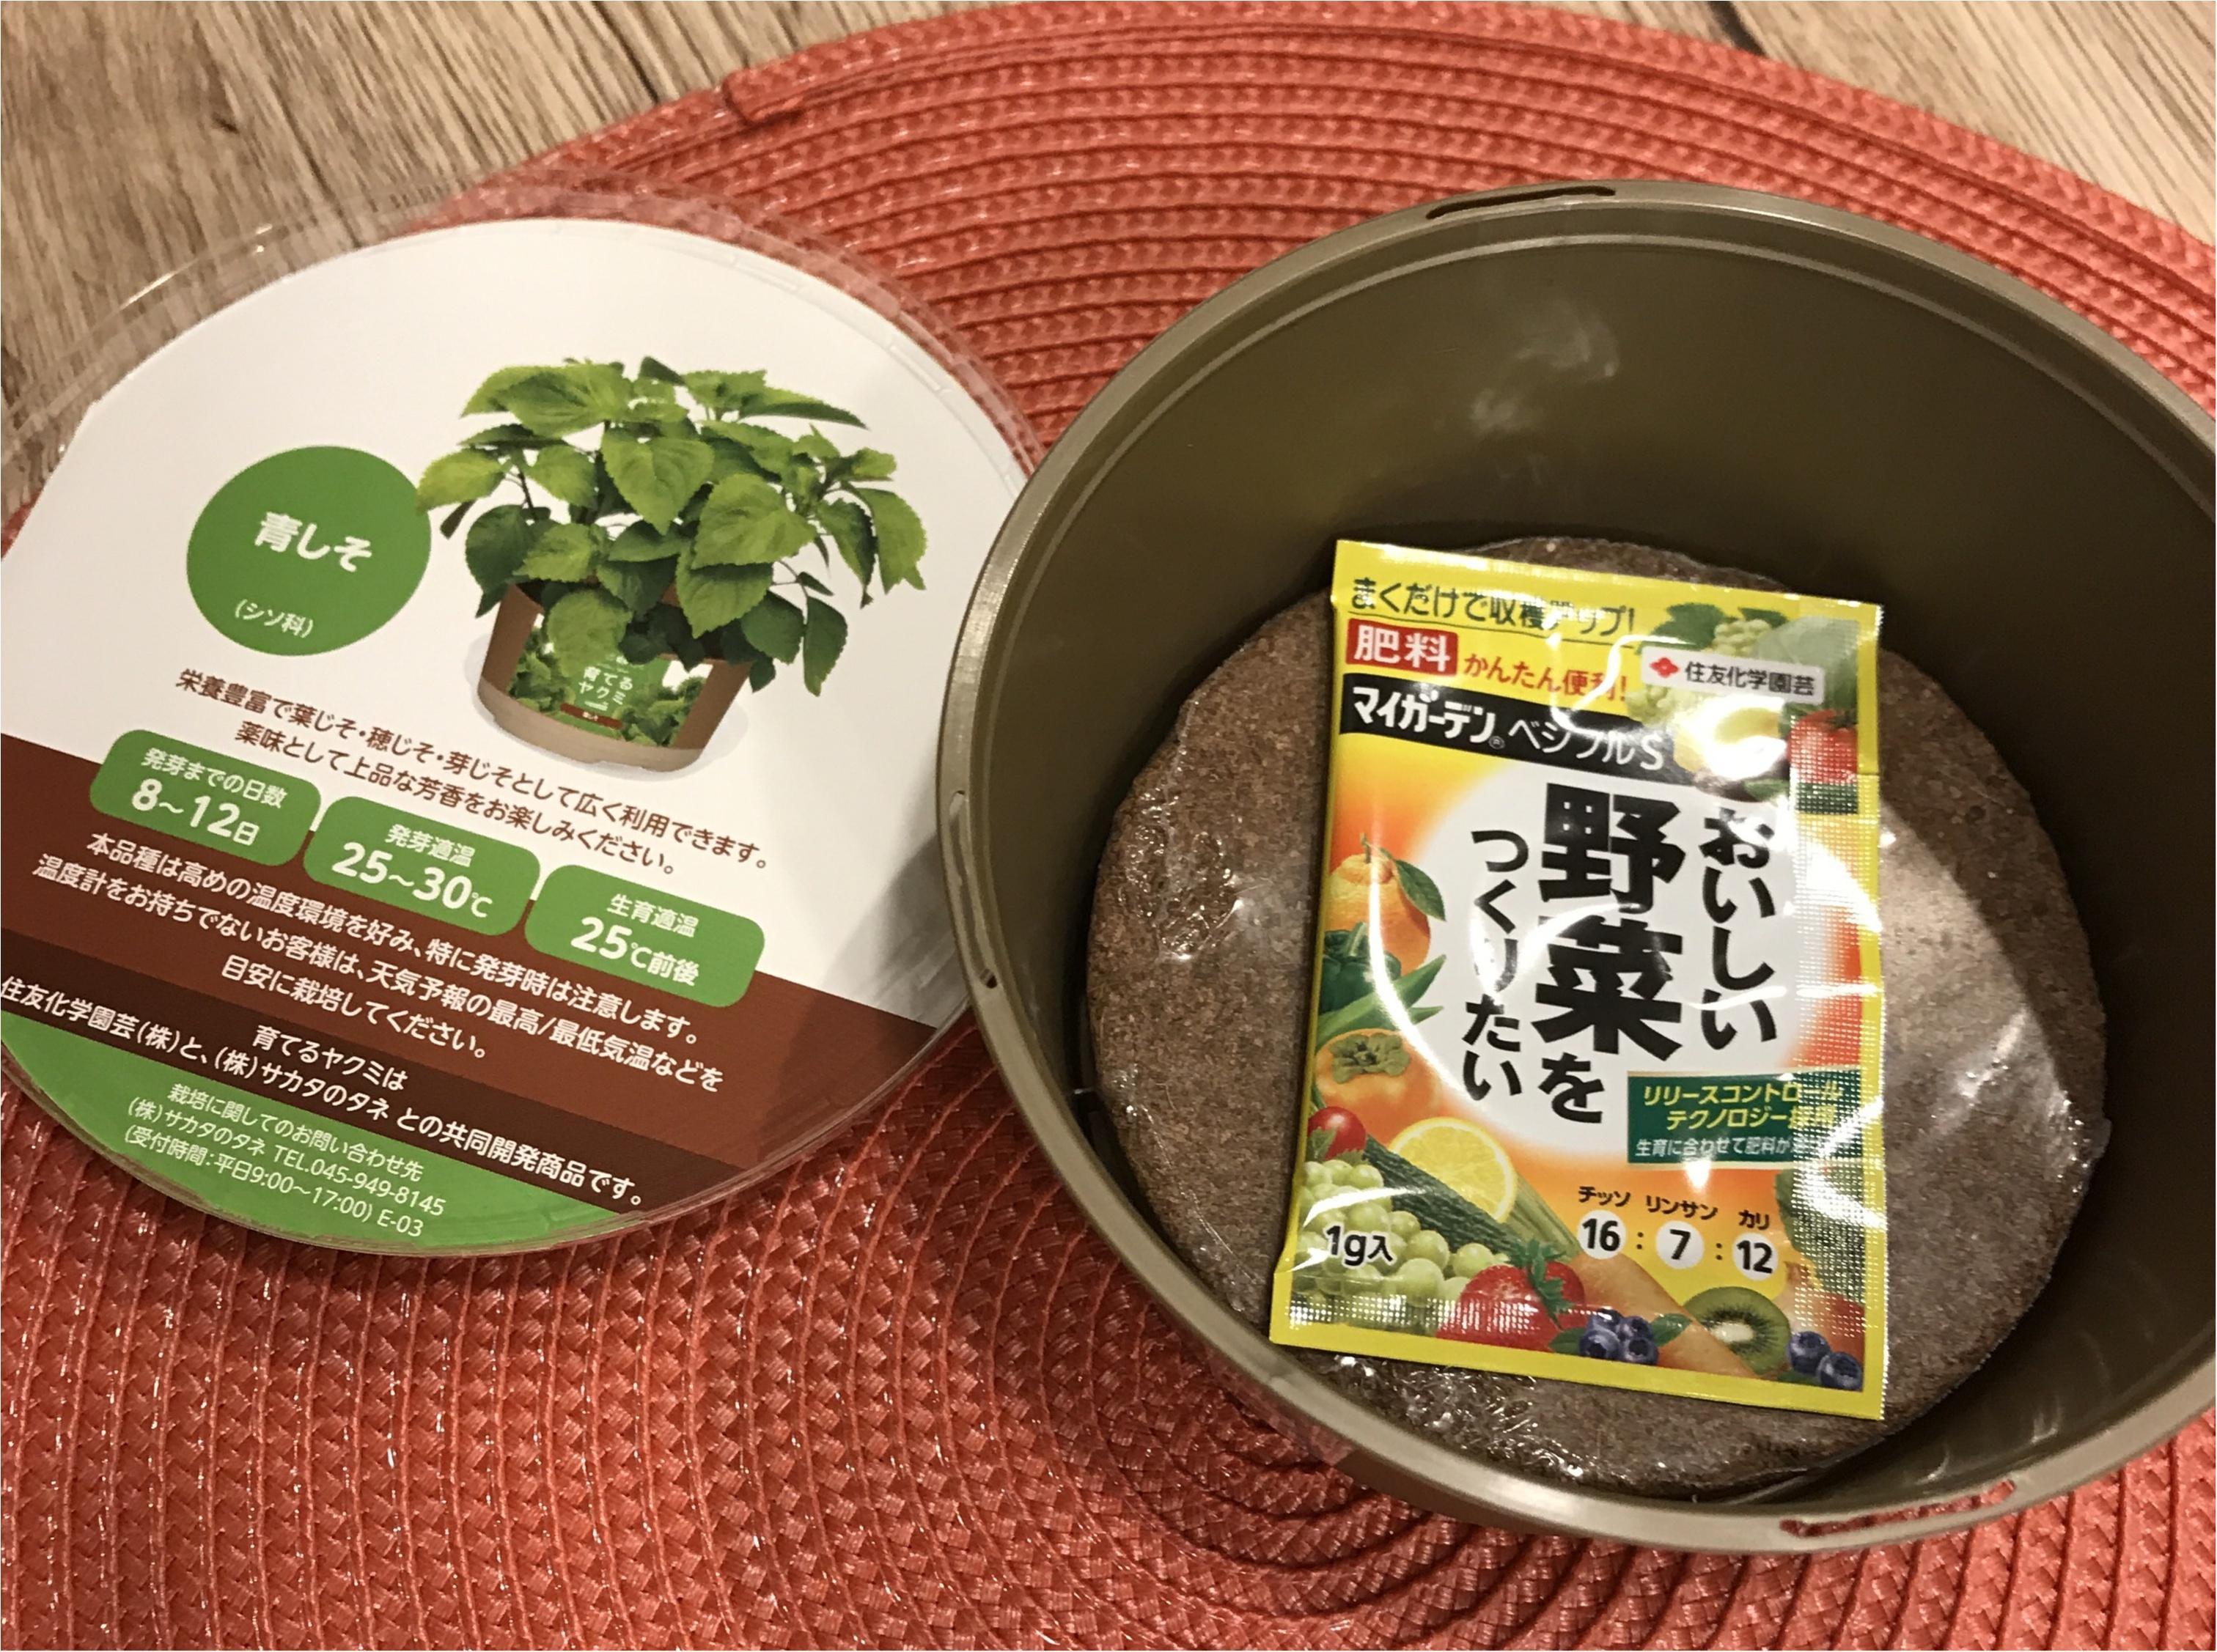 【life】コンビニで売っていた〇〇を試してみます!プチ家庭菜園デビュー!!_2